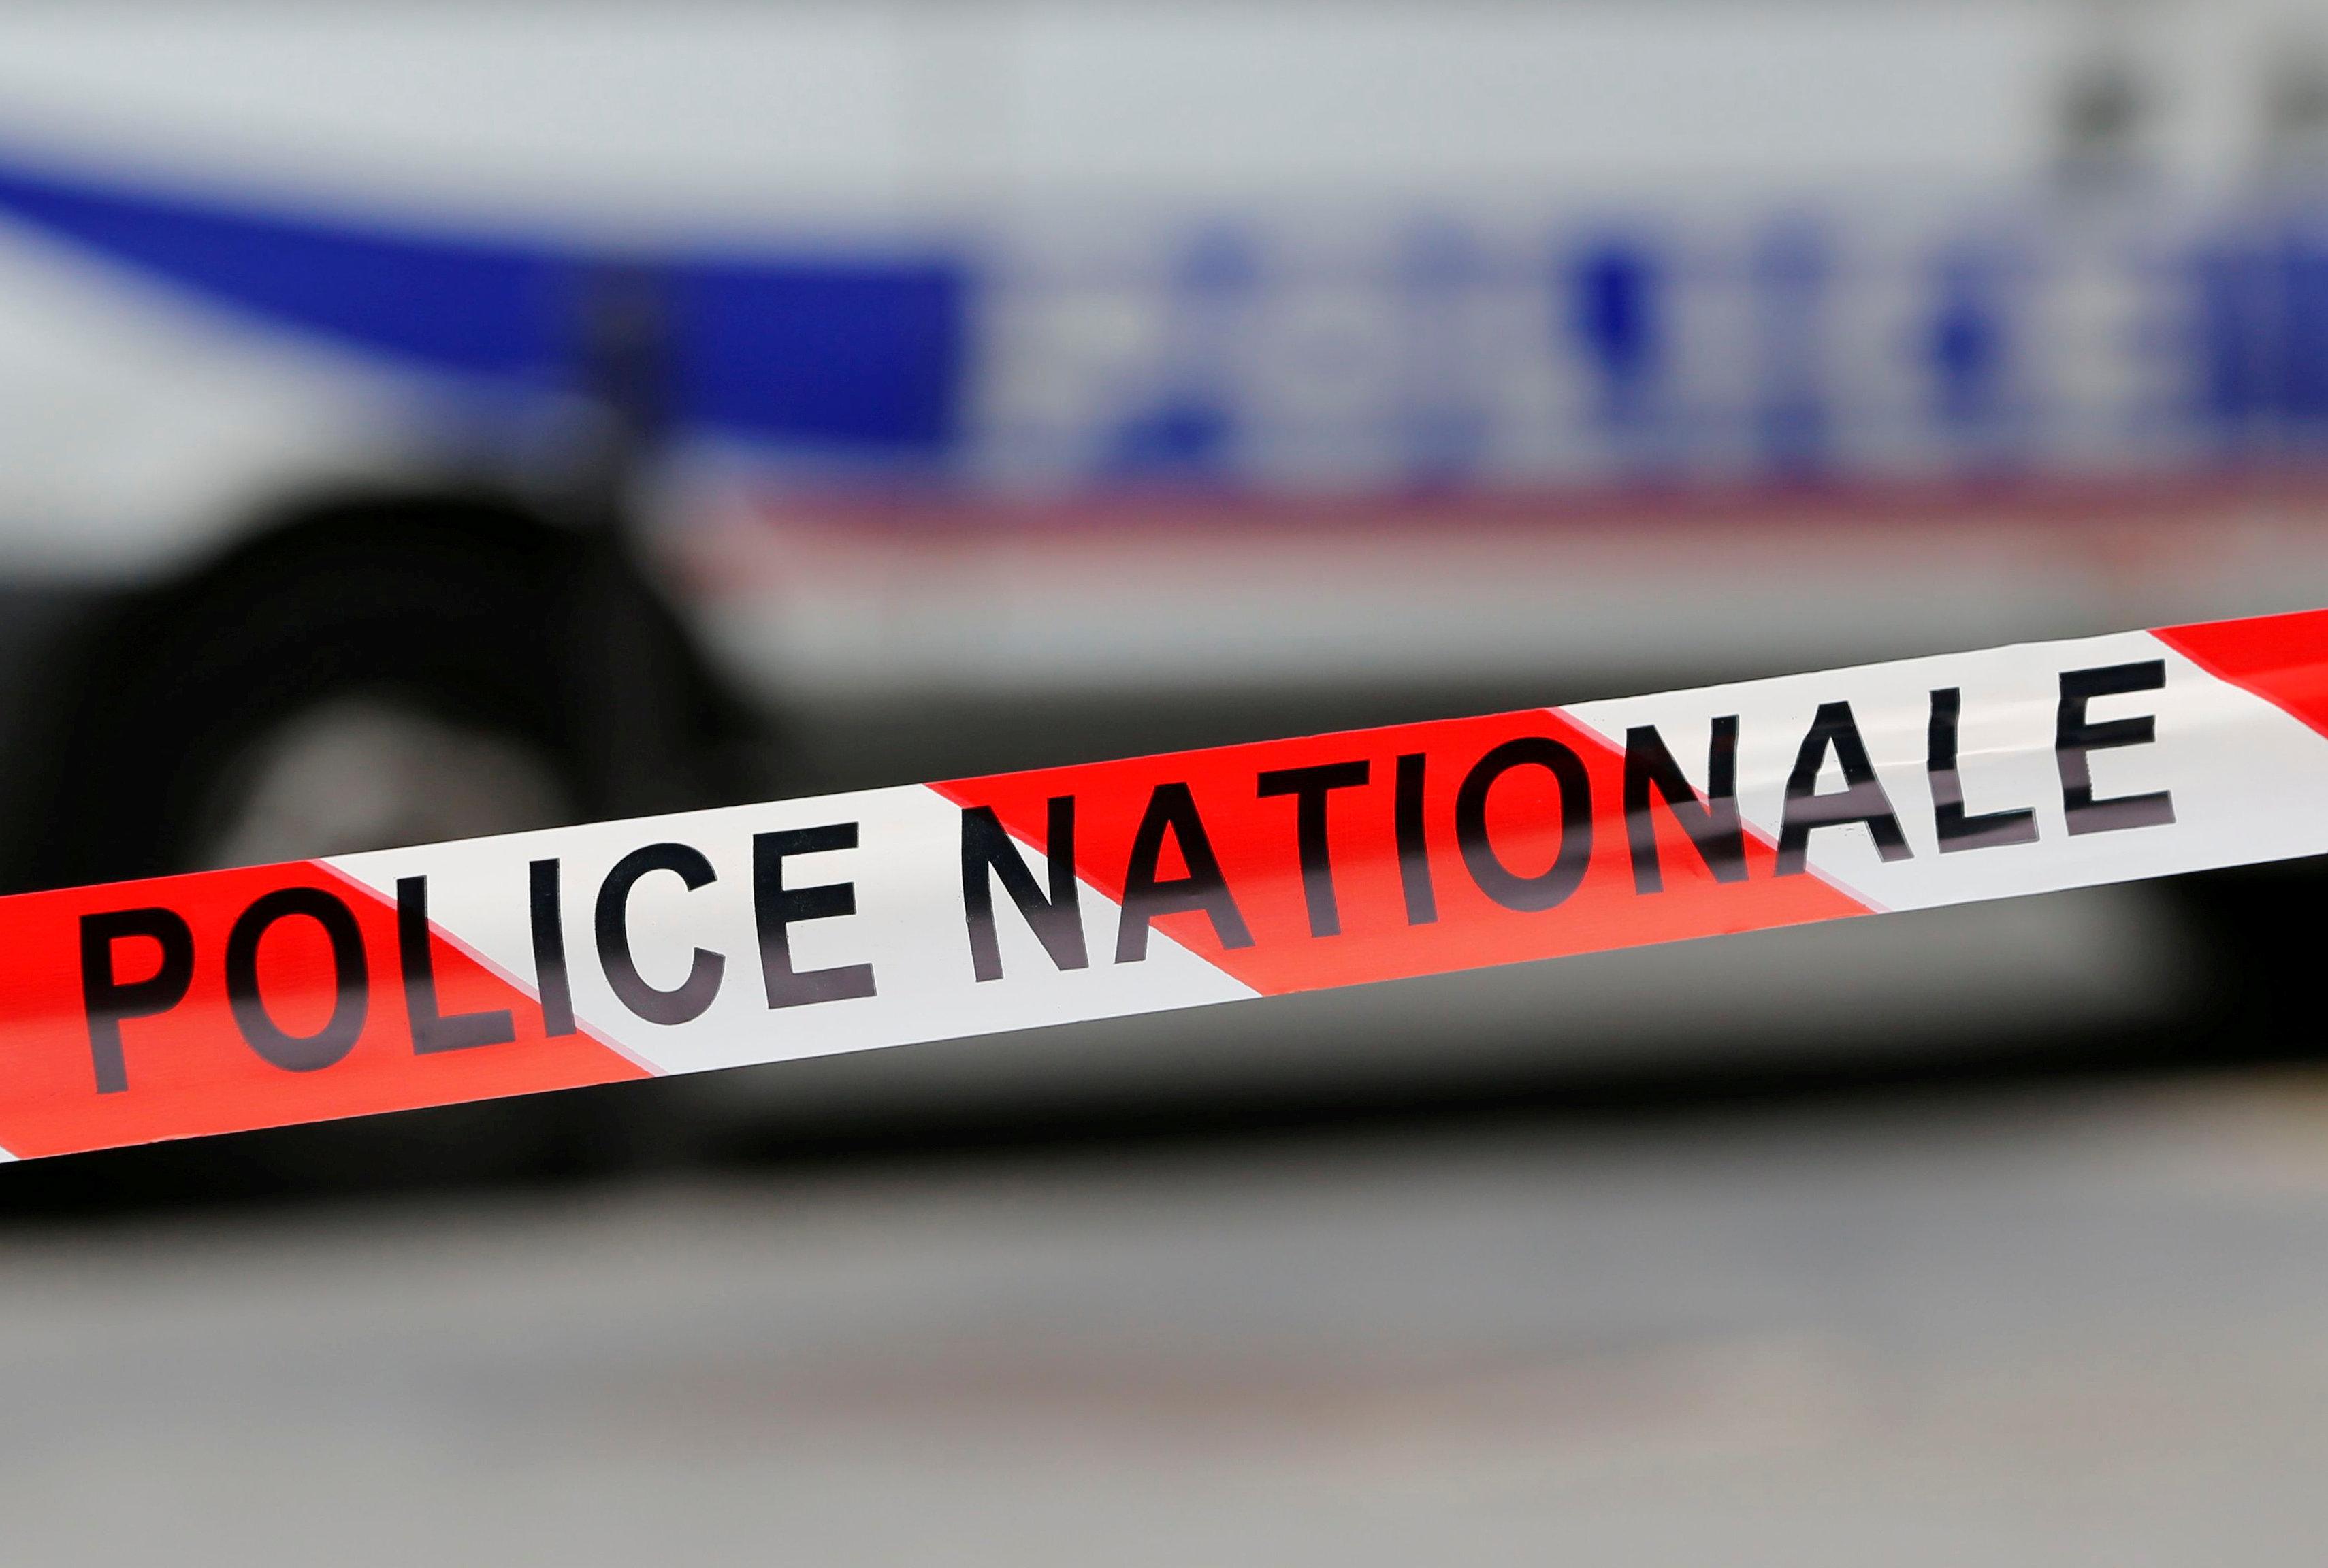 الشريط الأحمر والأبيض الذي تستخدمه الشرطة الوطنية الفرنسية يؤمن منطقة الحادث